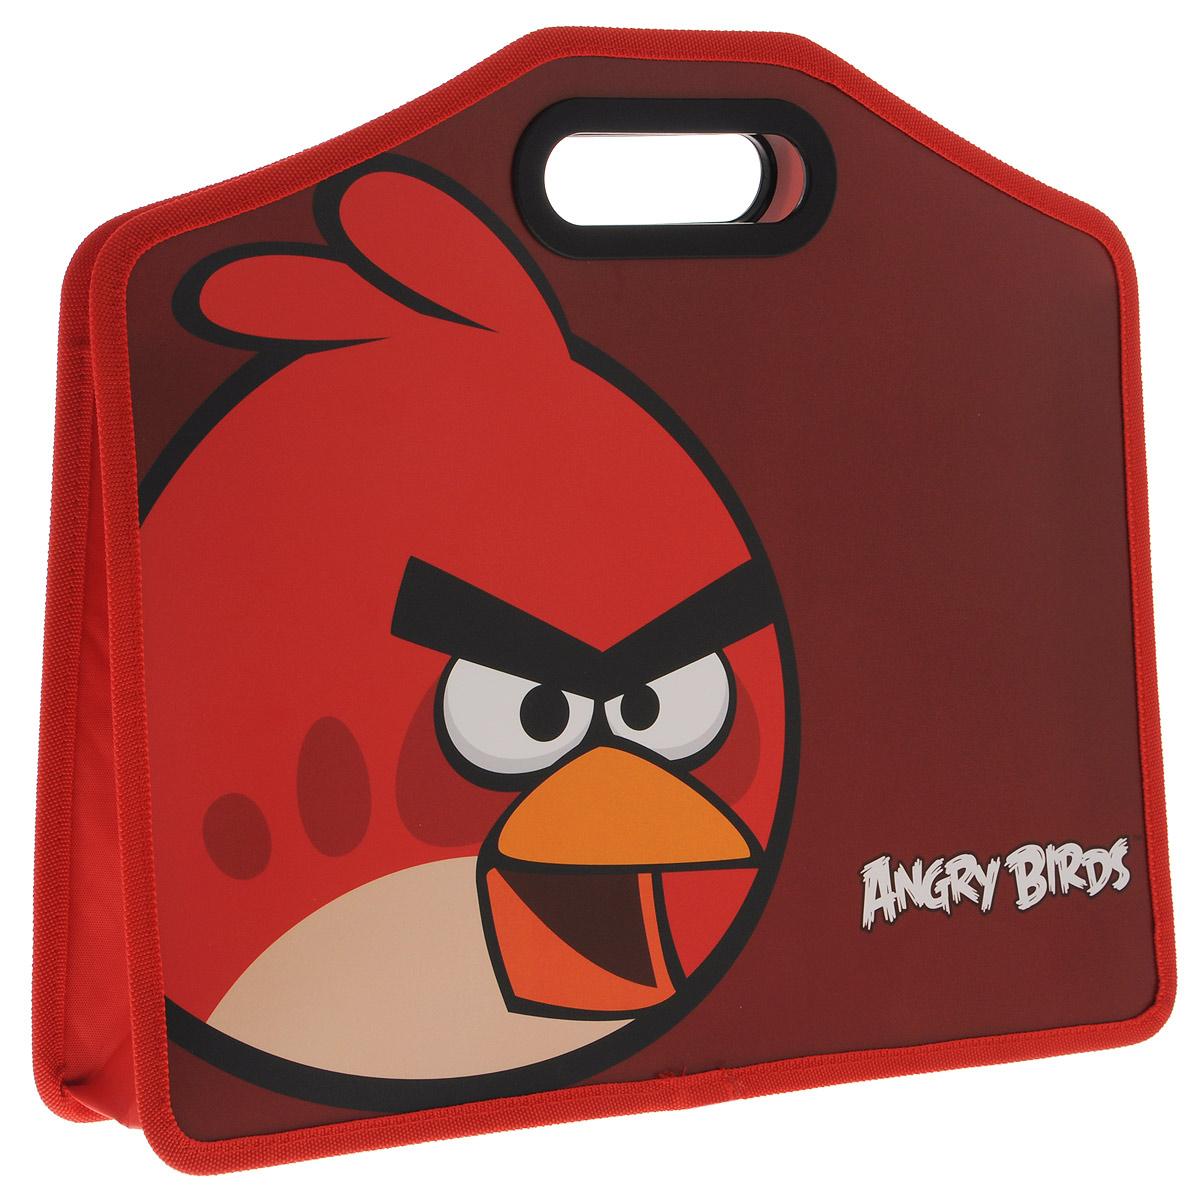 Папка-портфель Centrum Angry Birds, формат А484493Папка-портфель Angry Birds станет вашим верным помощником дома и в школе. Это удобный и функциональный инструмент, предназначенный для хранения и транспортировки бумаг формата А4, а также тетрадей и канцелярских принадлежностей. Папка изготовлена из износостойкого высококачественного пластика и состоит из одного вместительного отделения. Края папки обшиты полиэстером, а уголки закруглены для обеспечения дополнительной прочности и сохранности опрятного вида папки. Папка оснащена двумя удобными пластиковыми ручками и оформлена изображением героя знаменитой игры Angry Birds - красной птицы. Папка - это незаменимый атрибут для любого студента или школьника. Такая папка надежно сохранит ваши бумаги и сбережет их от повреждений, пыли и влаги, а любимые герои обязательно поднимут настроение!